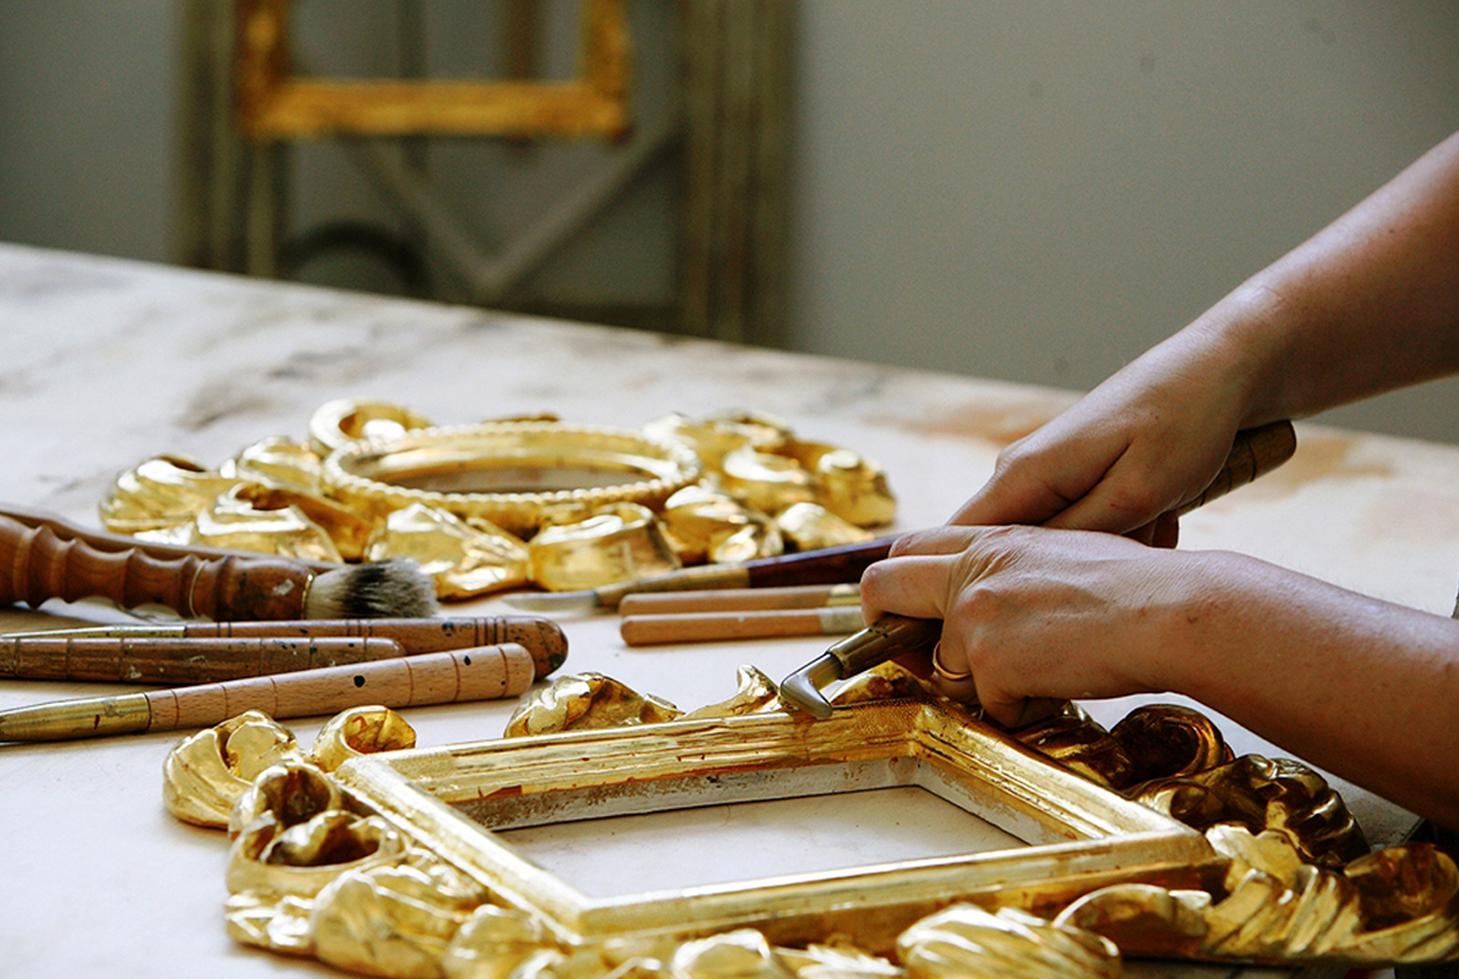 mercatino di artigianato e collezionismo via brera centro storico di milano adiacente alla pinacoteca